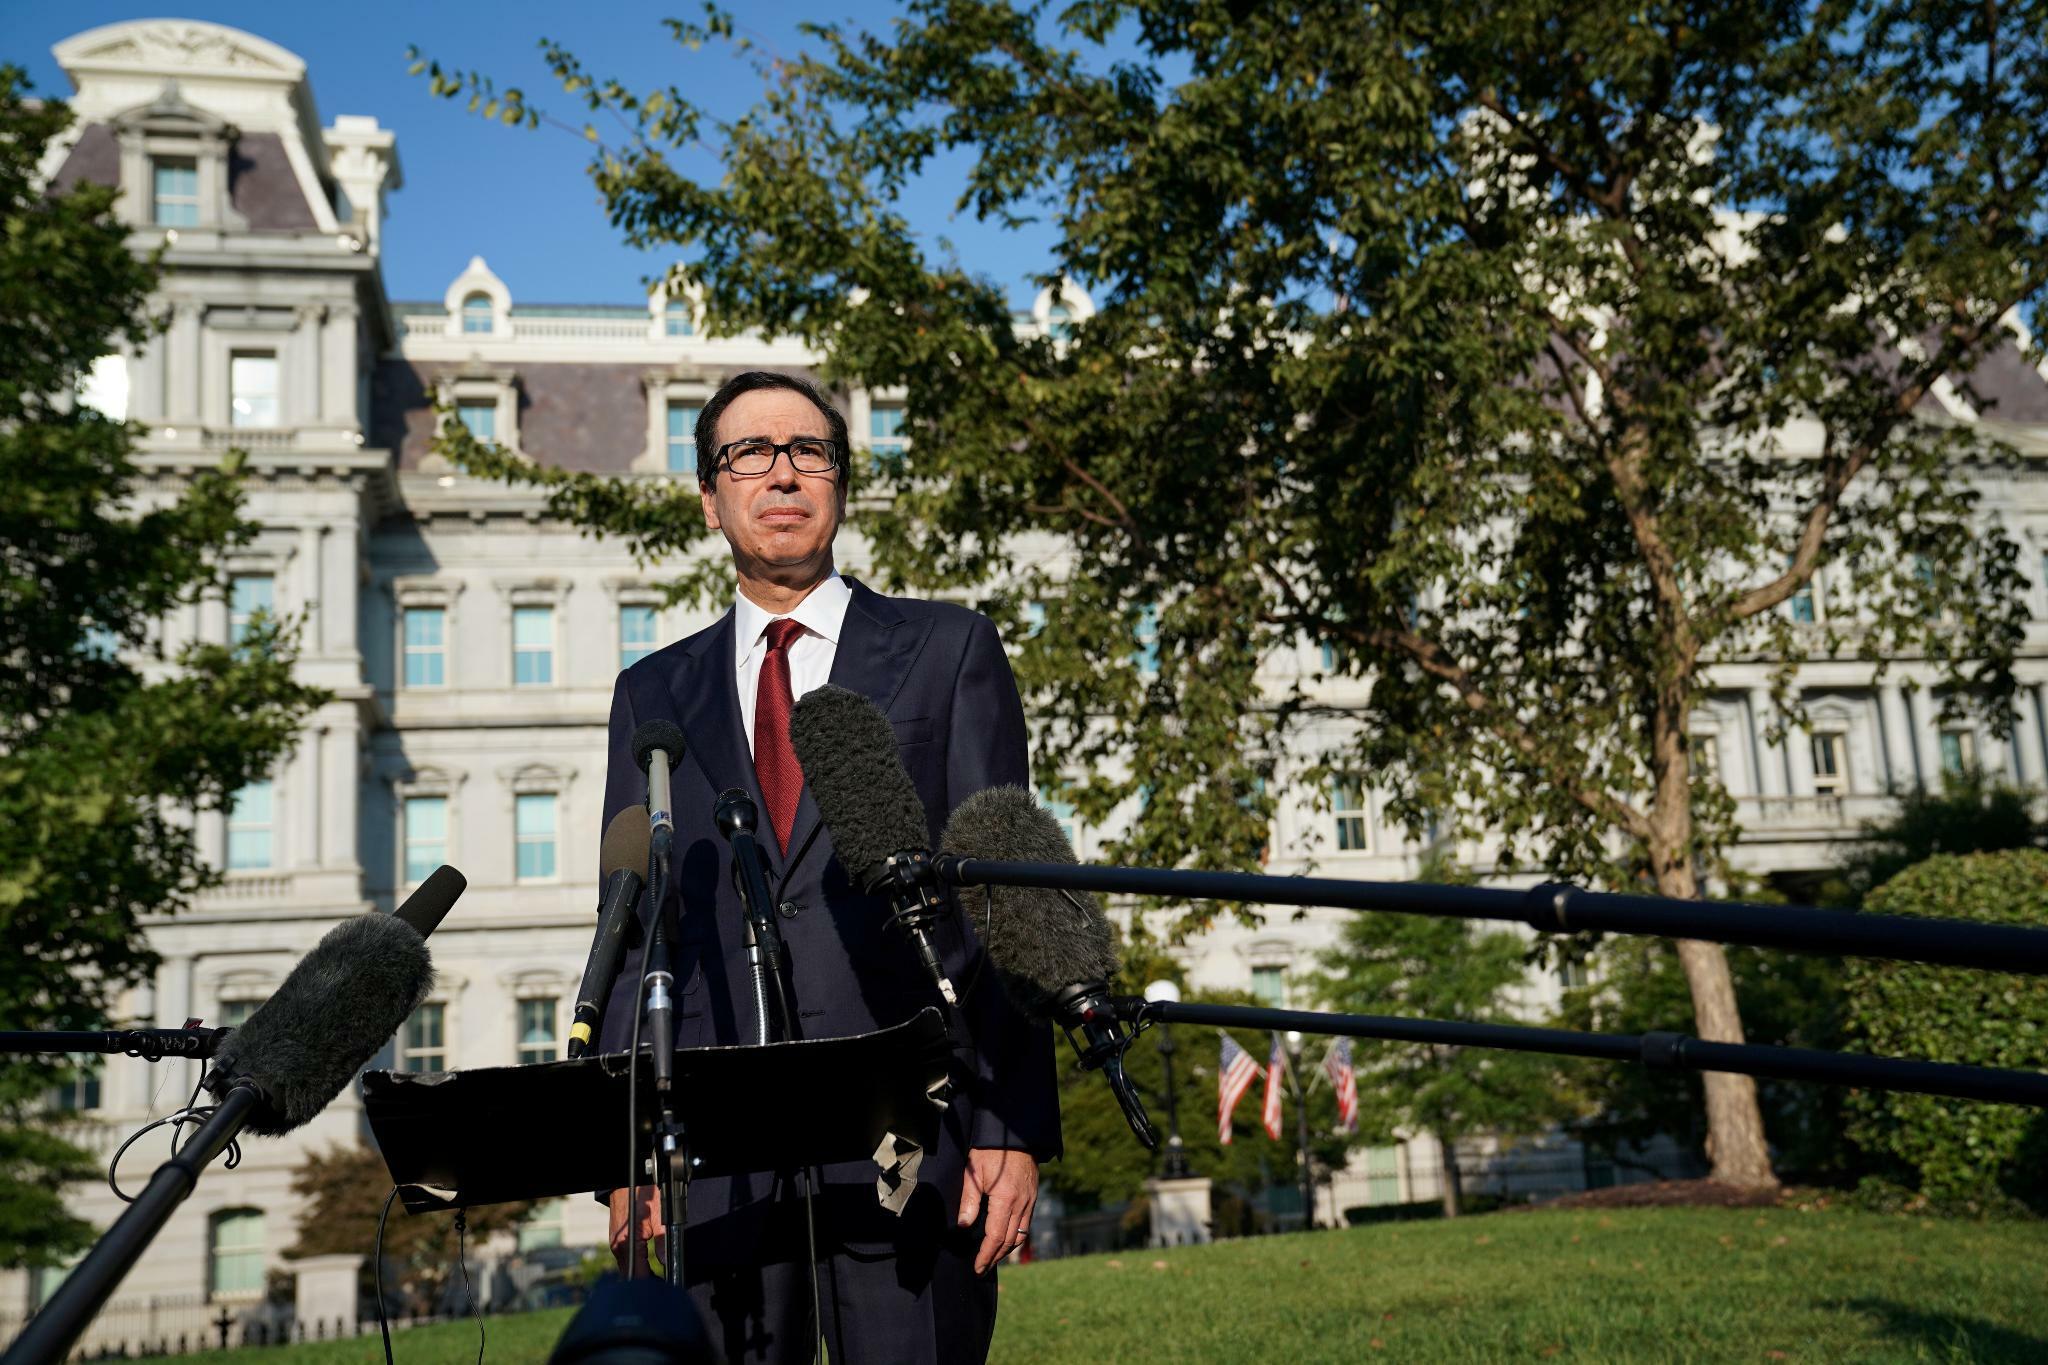 Handelsstreit: US-Finanzminister Steven Mnuchin kündigt neue Handelsgespräche mit China an